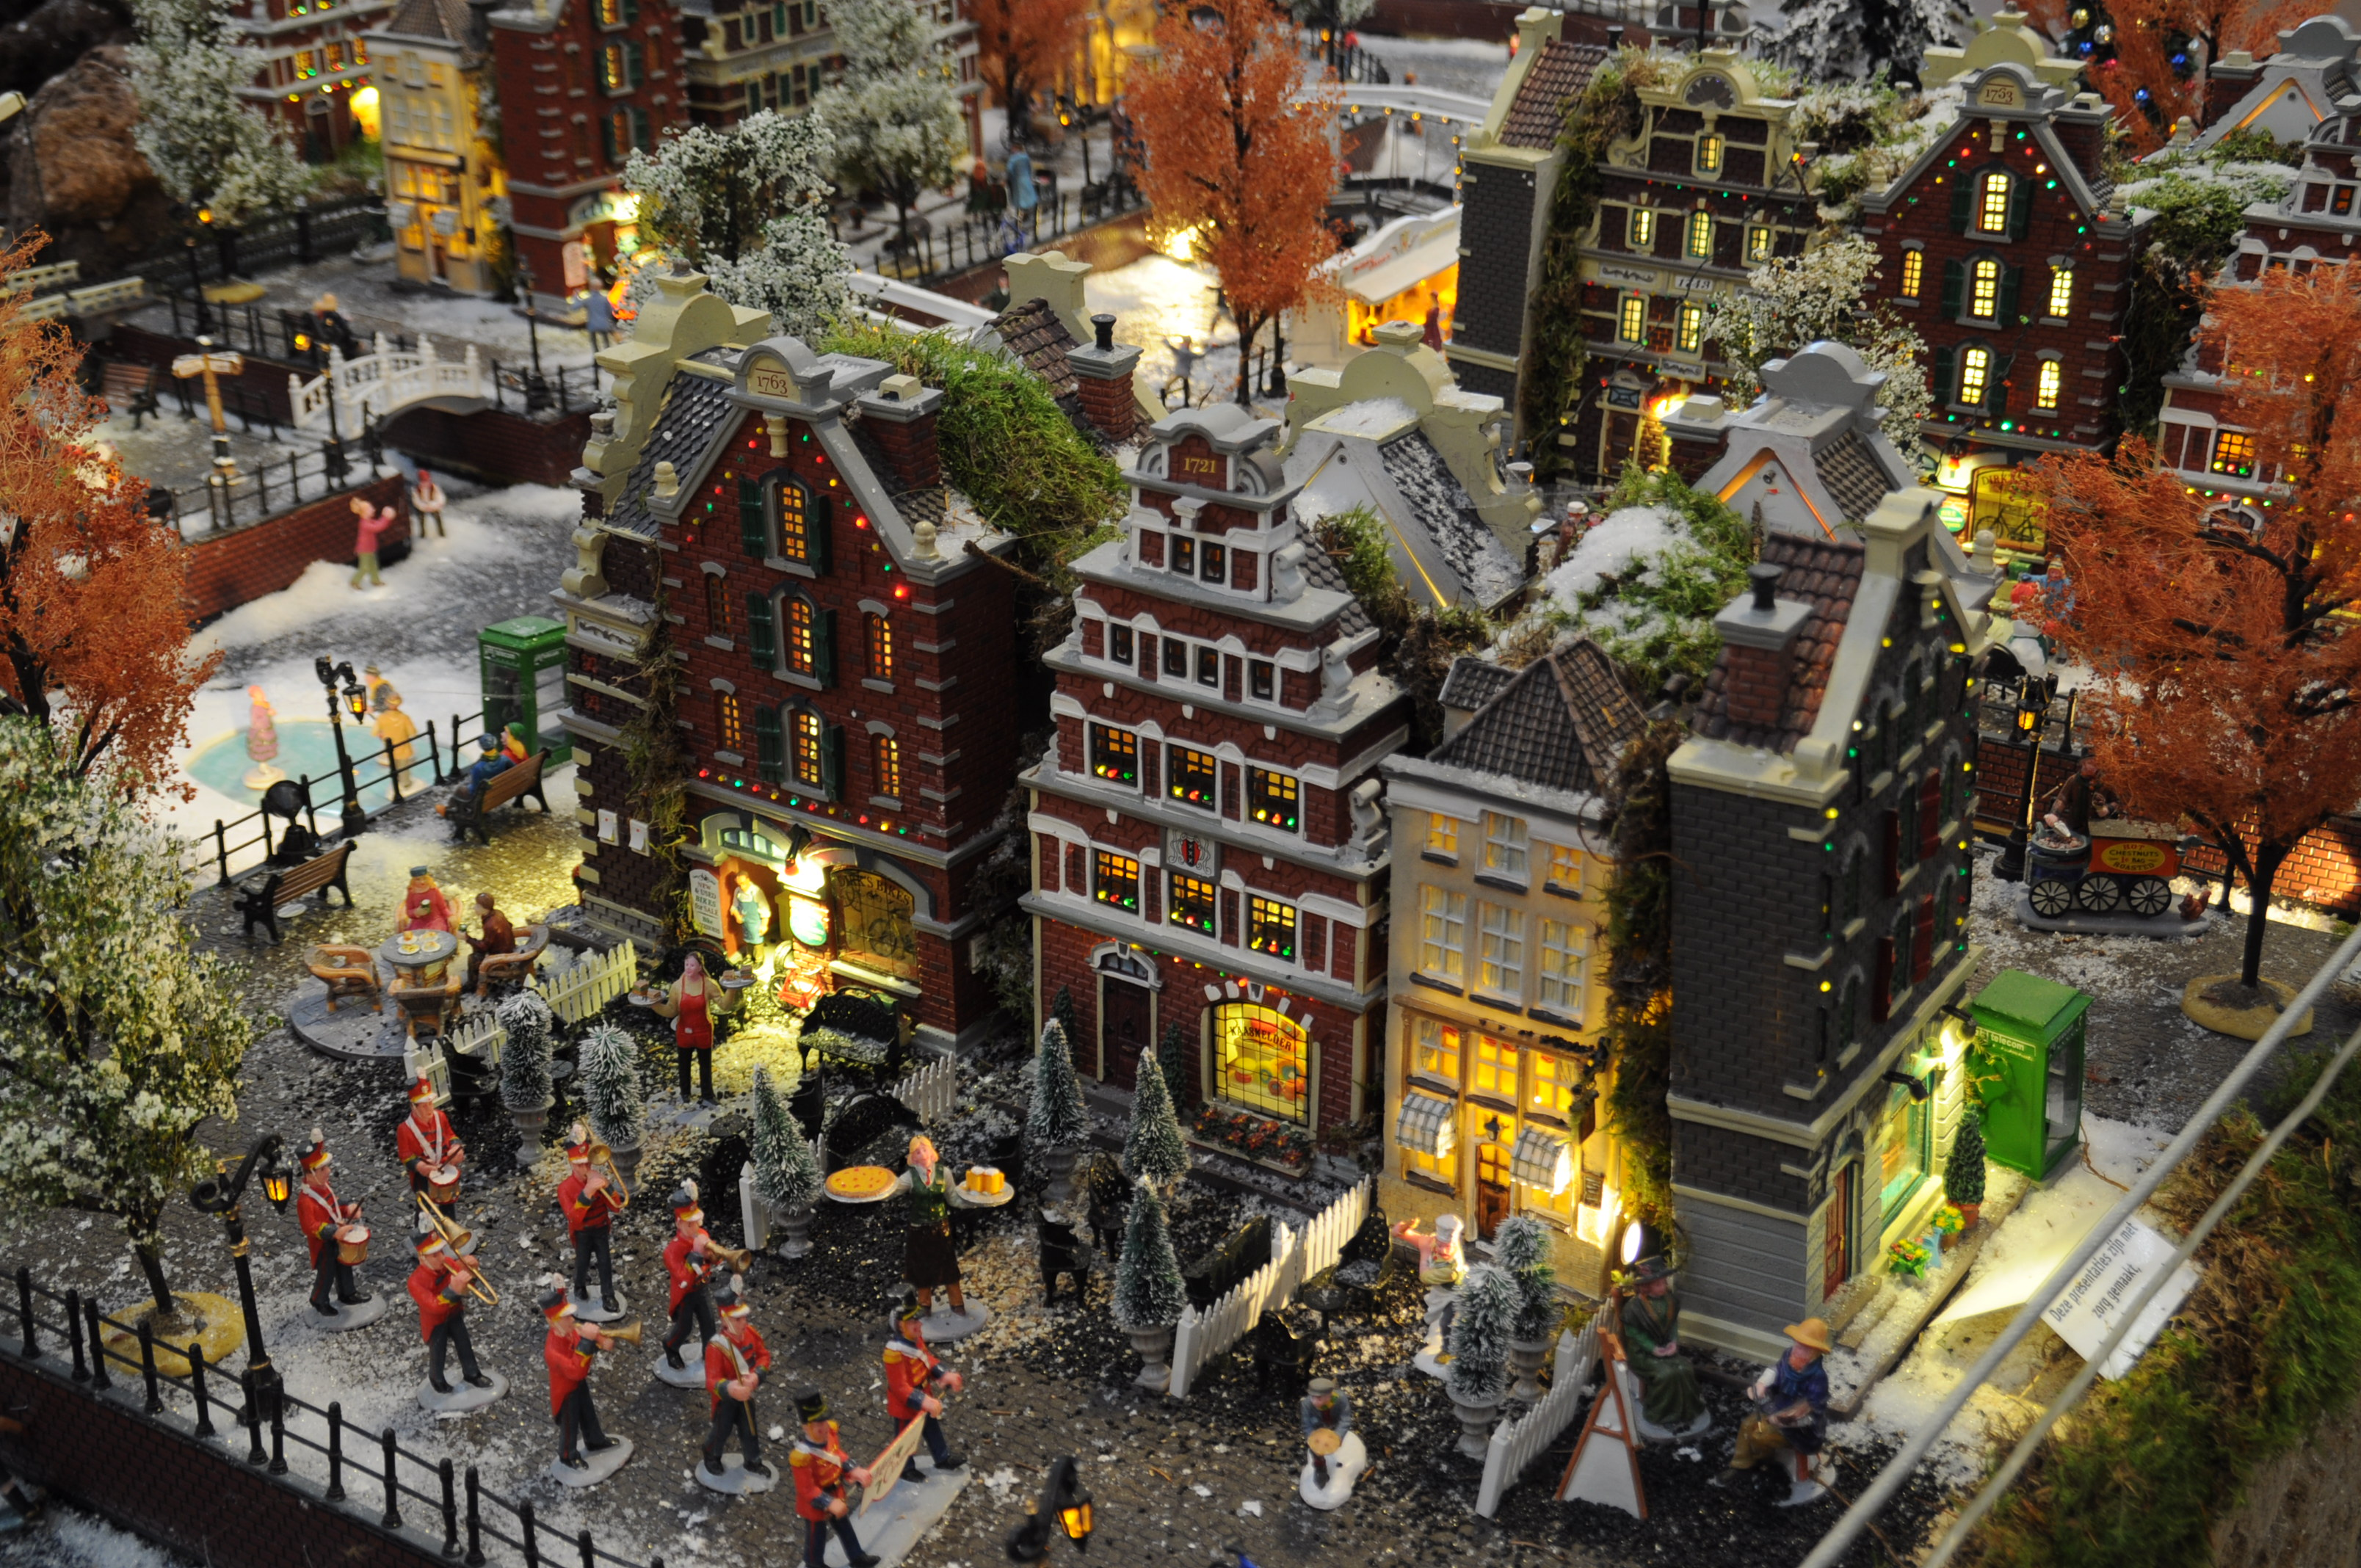 kerstshow intratuin duiven 2015 een winterse sprookjeswereld